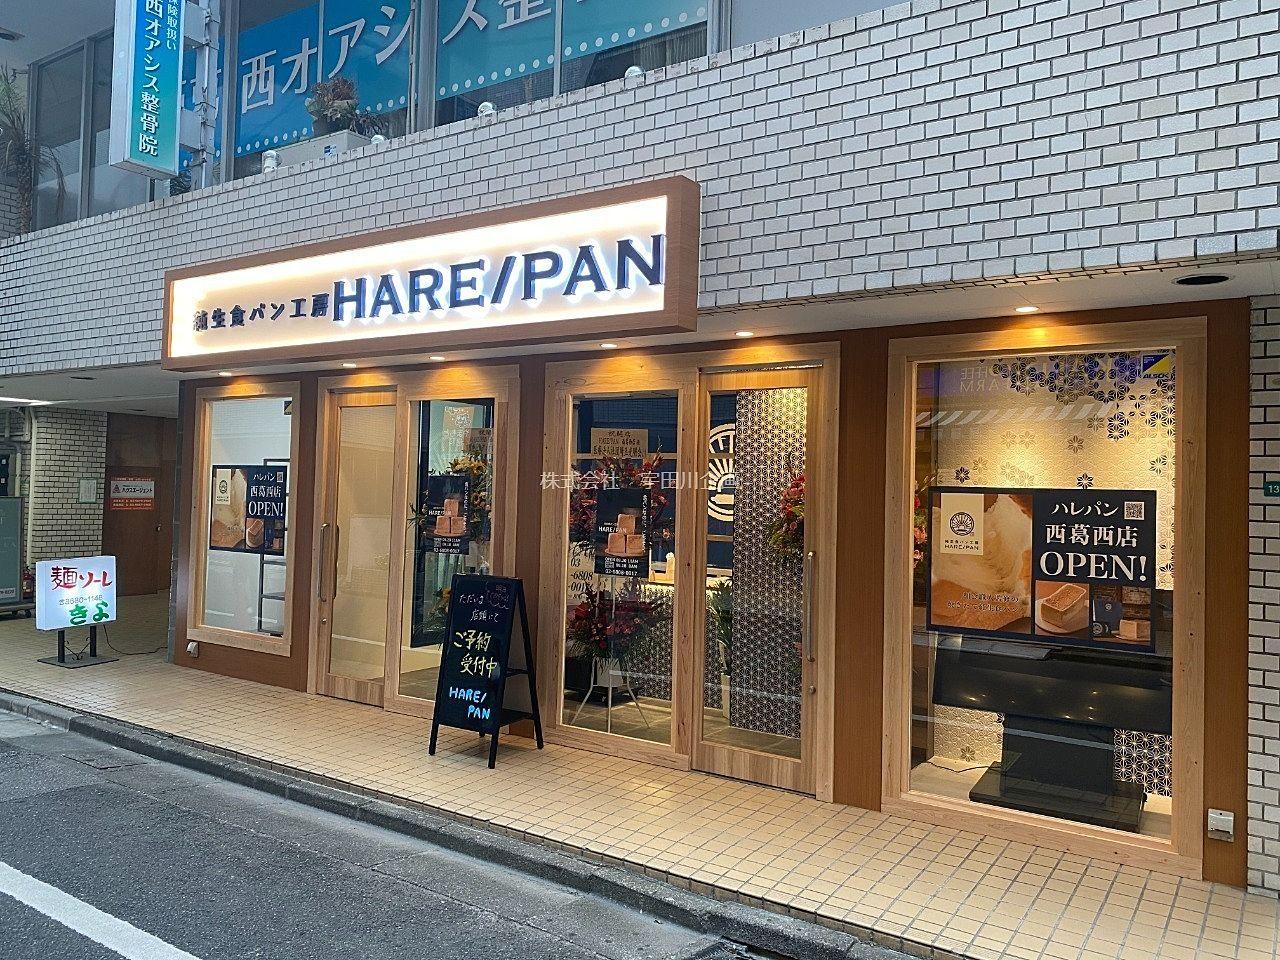 純生食パン工房 HARE/PAN オープン